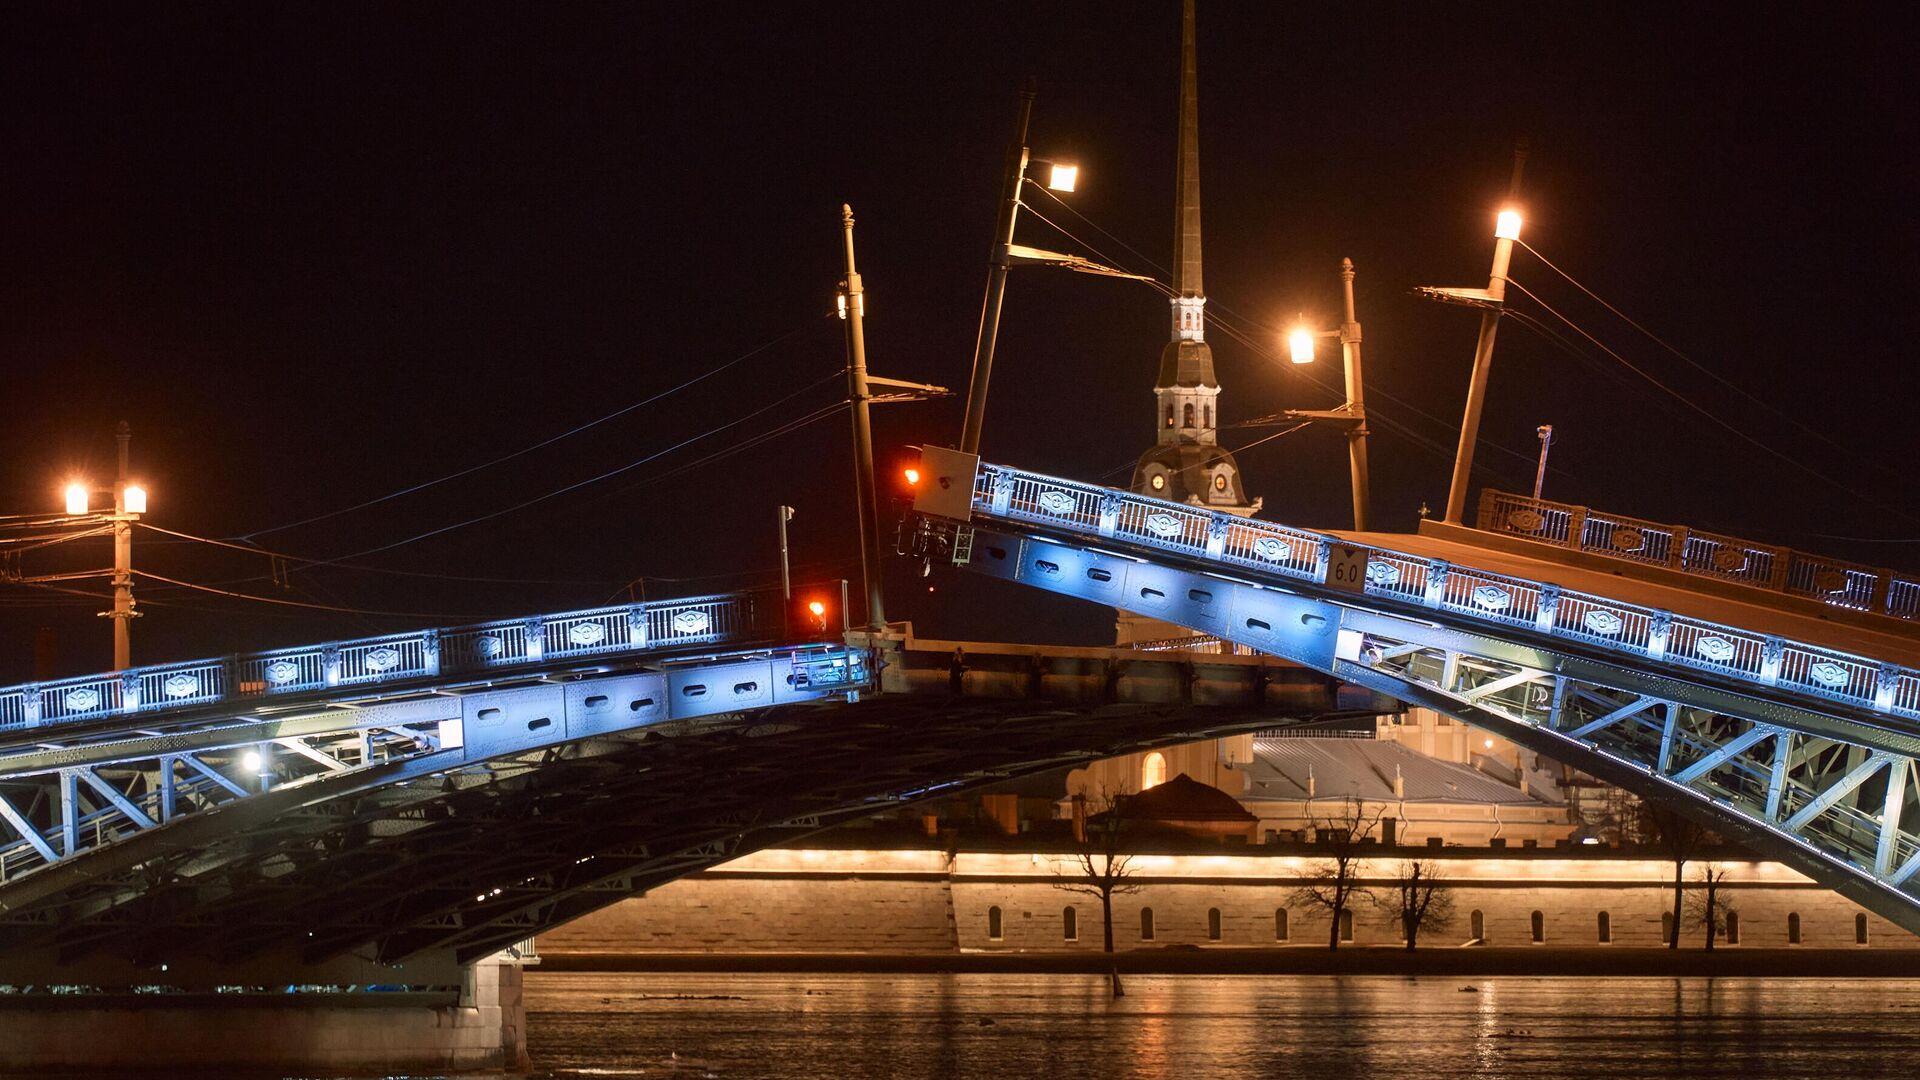 Пробная разводка Дворцового моста перед открытием летней навигации по реке Неве в Санкт-Петербурге - РИА Новости, 1920, 11.06.2021